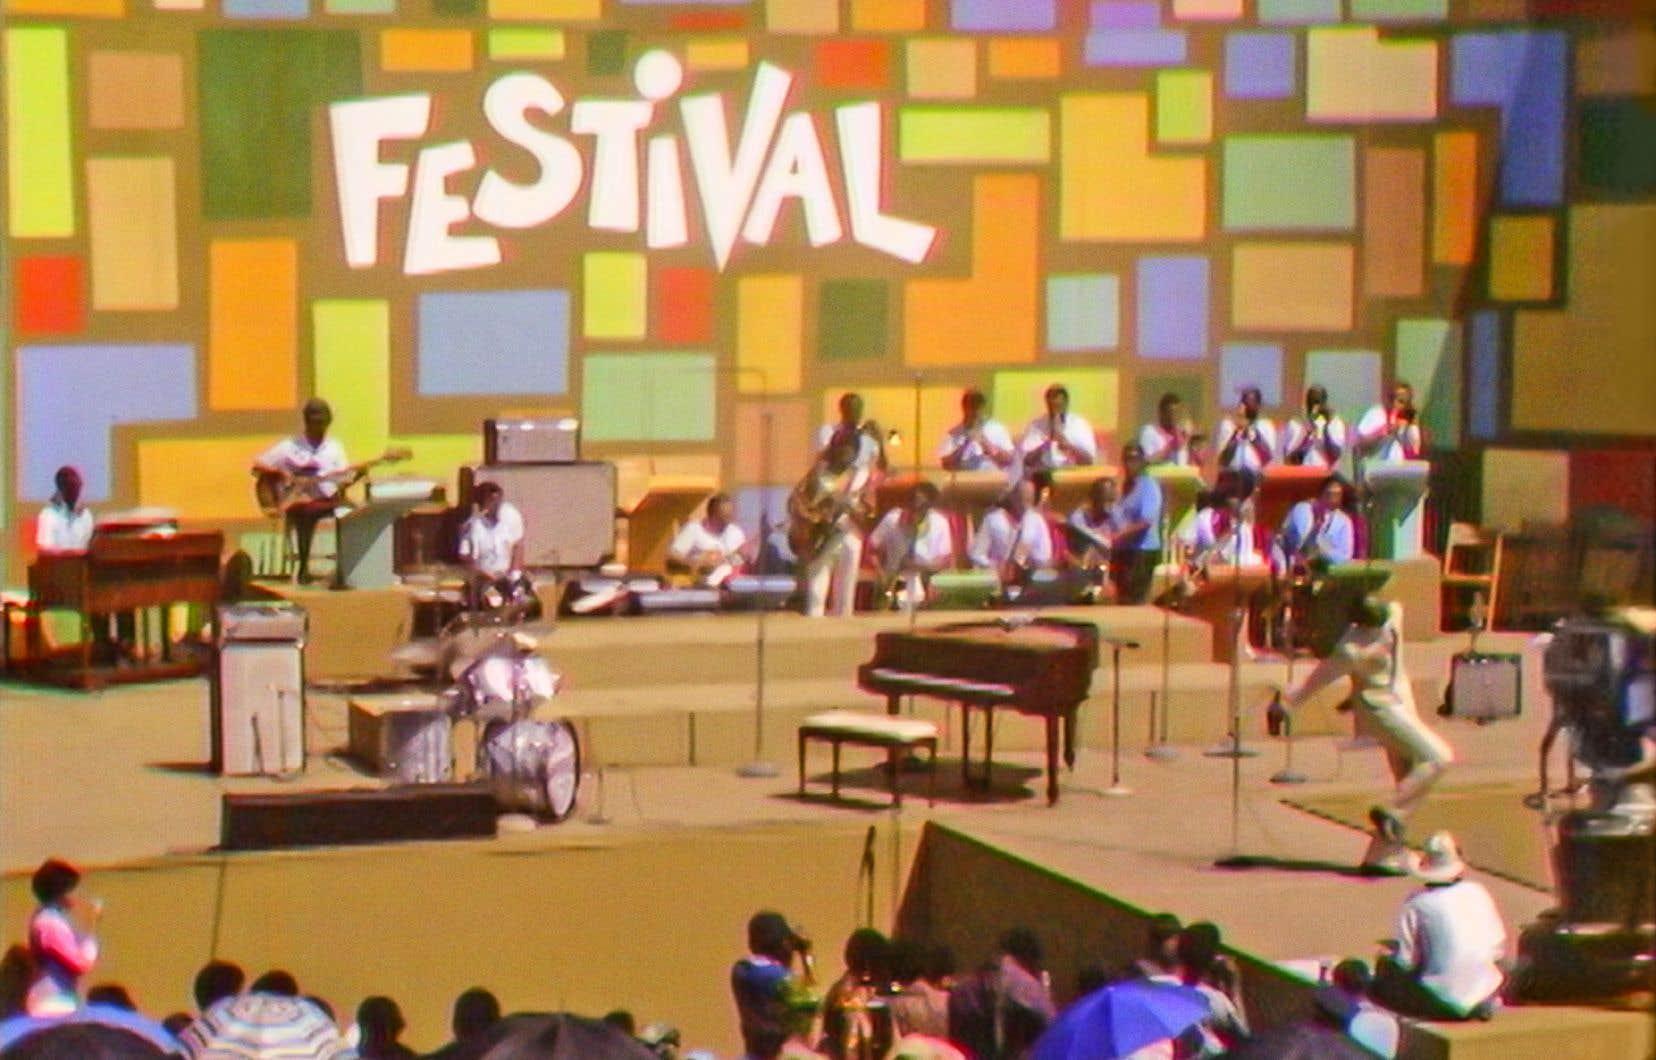 Organisé et  animé par le  coloré chanteur et entrepreneur Tony Lawrence, le Harlem Cultural Festival,  qui a attiré près de 300000 spectateurs, s'est déroulé  un an après  les assassinats de Martin Luther King Jr.  et de Robert  F. Kennedy et  en pleine guerre du Vietnam,  où de nombreux soldats afro-américains avaient été  dépêchés.